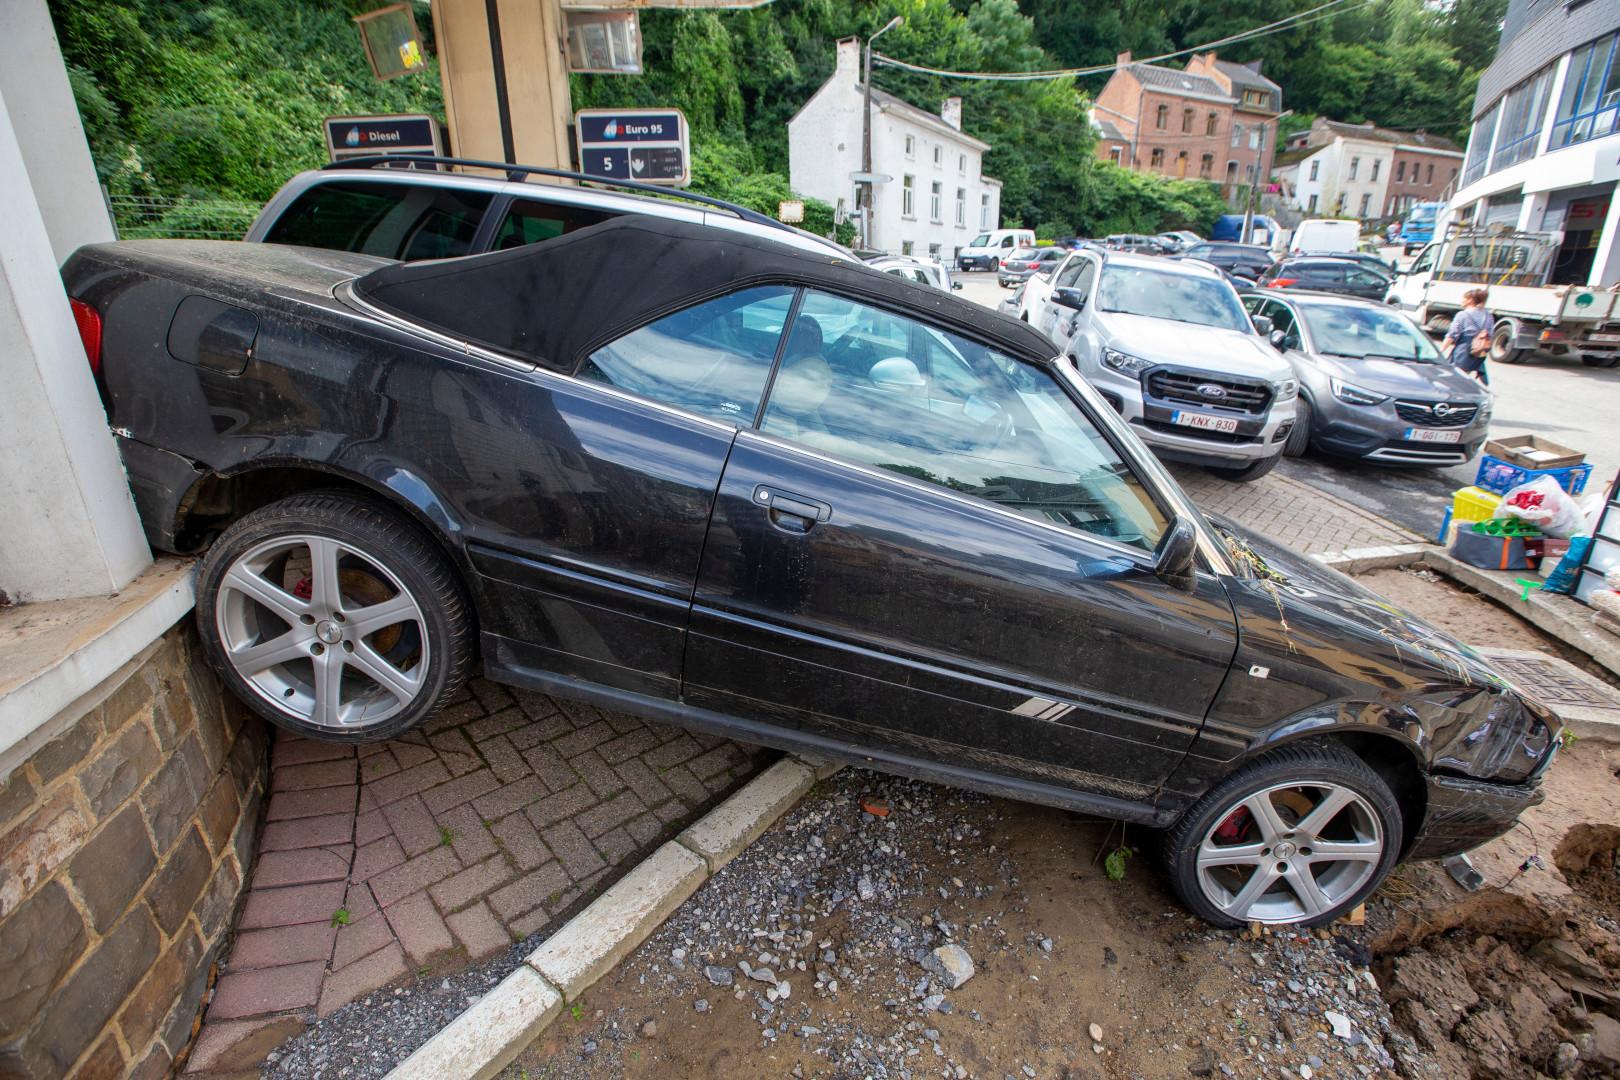 Une épave de voiture à Dinant, près de Namur, après les violents orages du samedi 24 juillet.